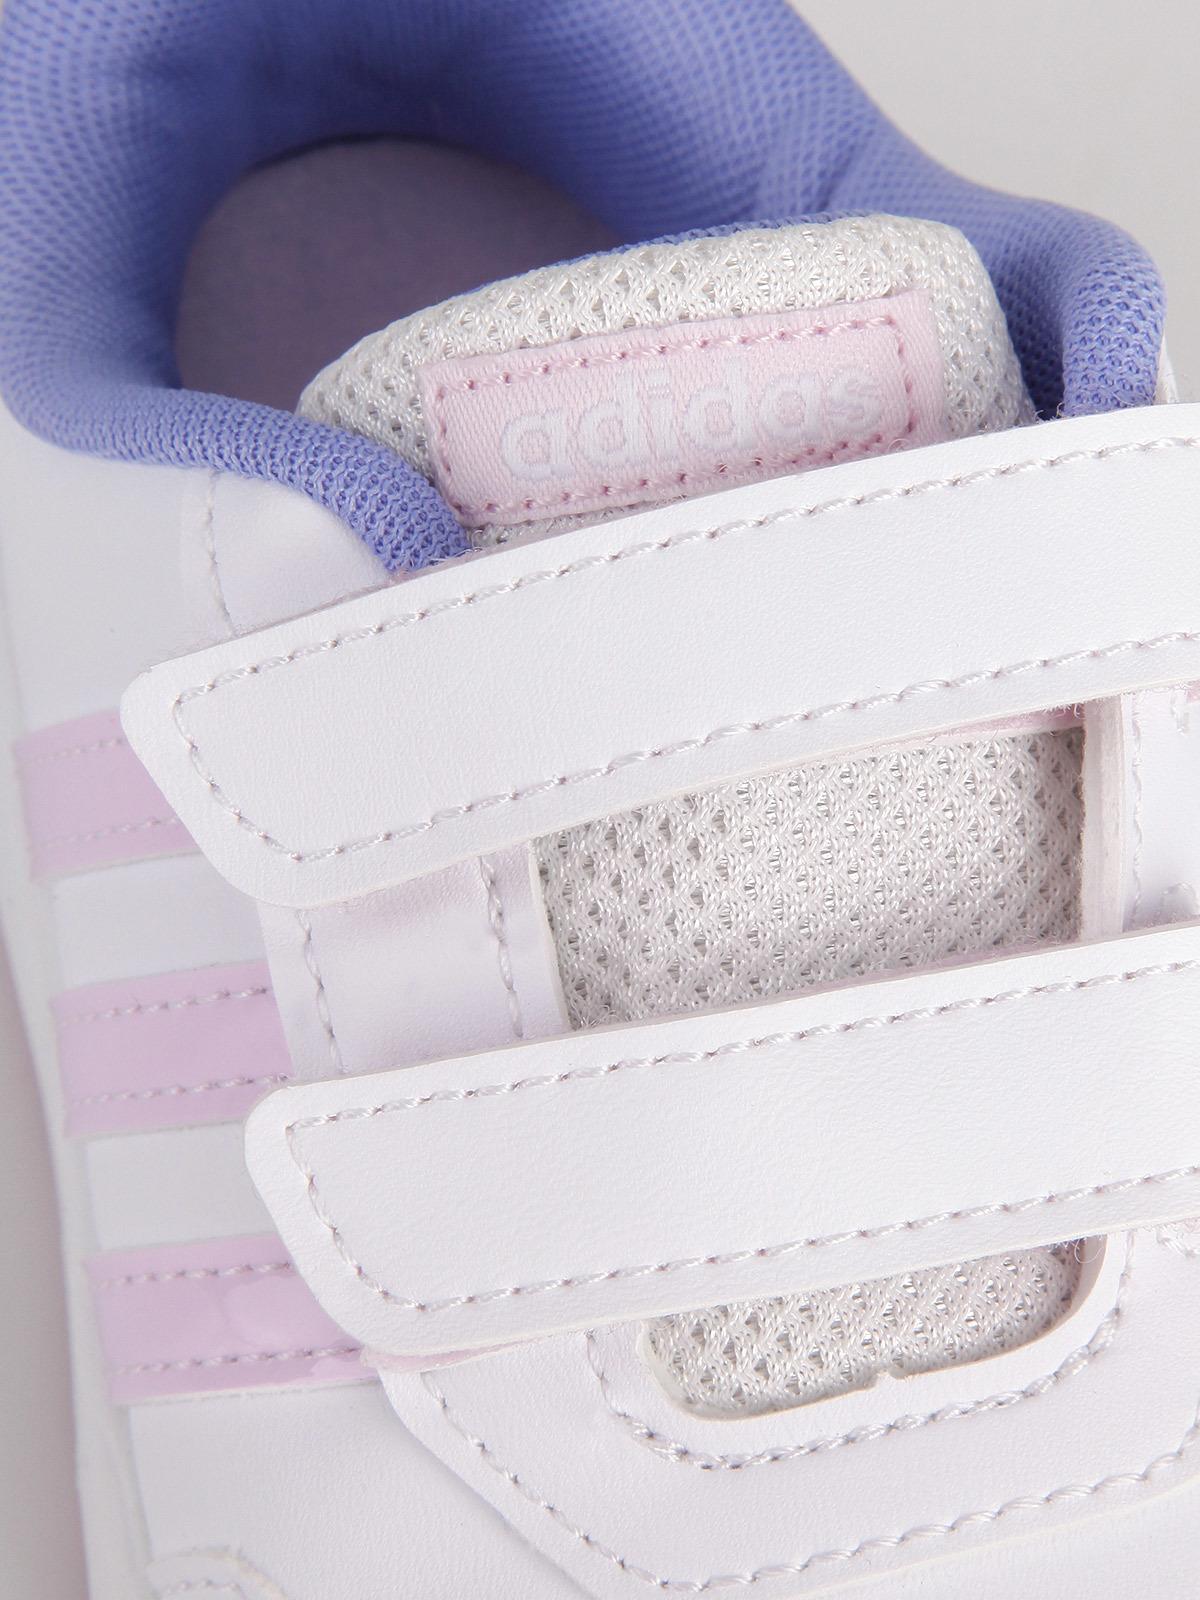 Mädchen Adidas Vs Tennis Für de Switch Cmf Inf Chaussures 2 N0Om8Pynvw